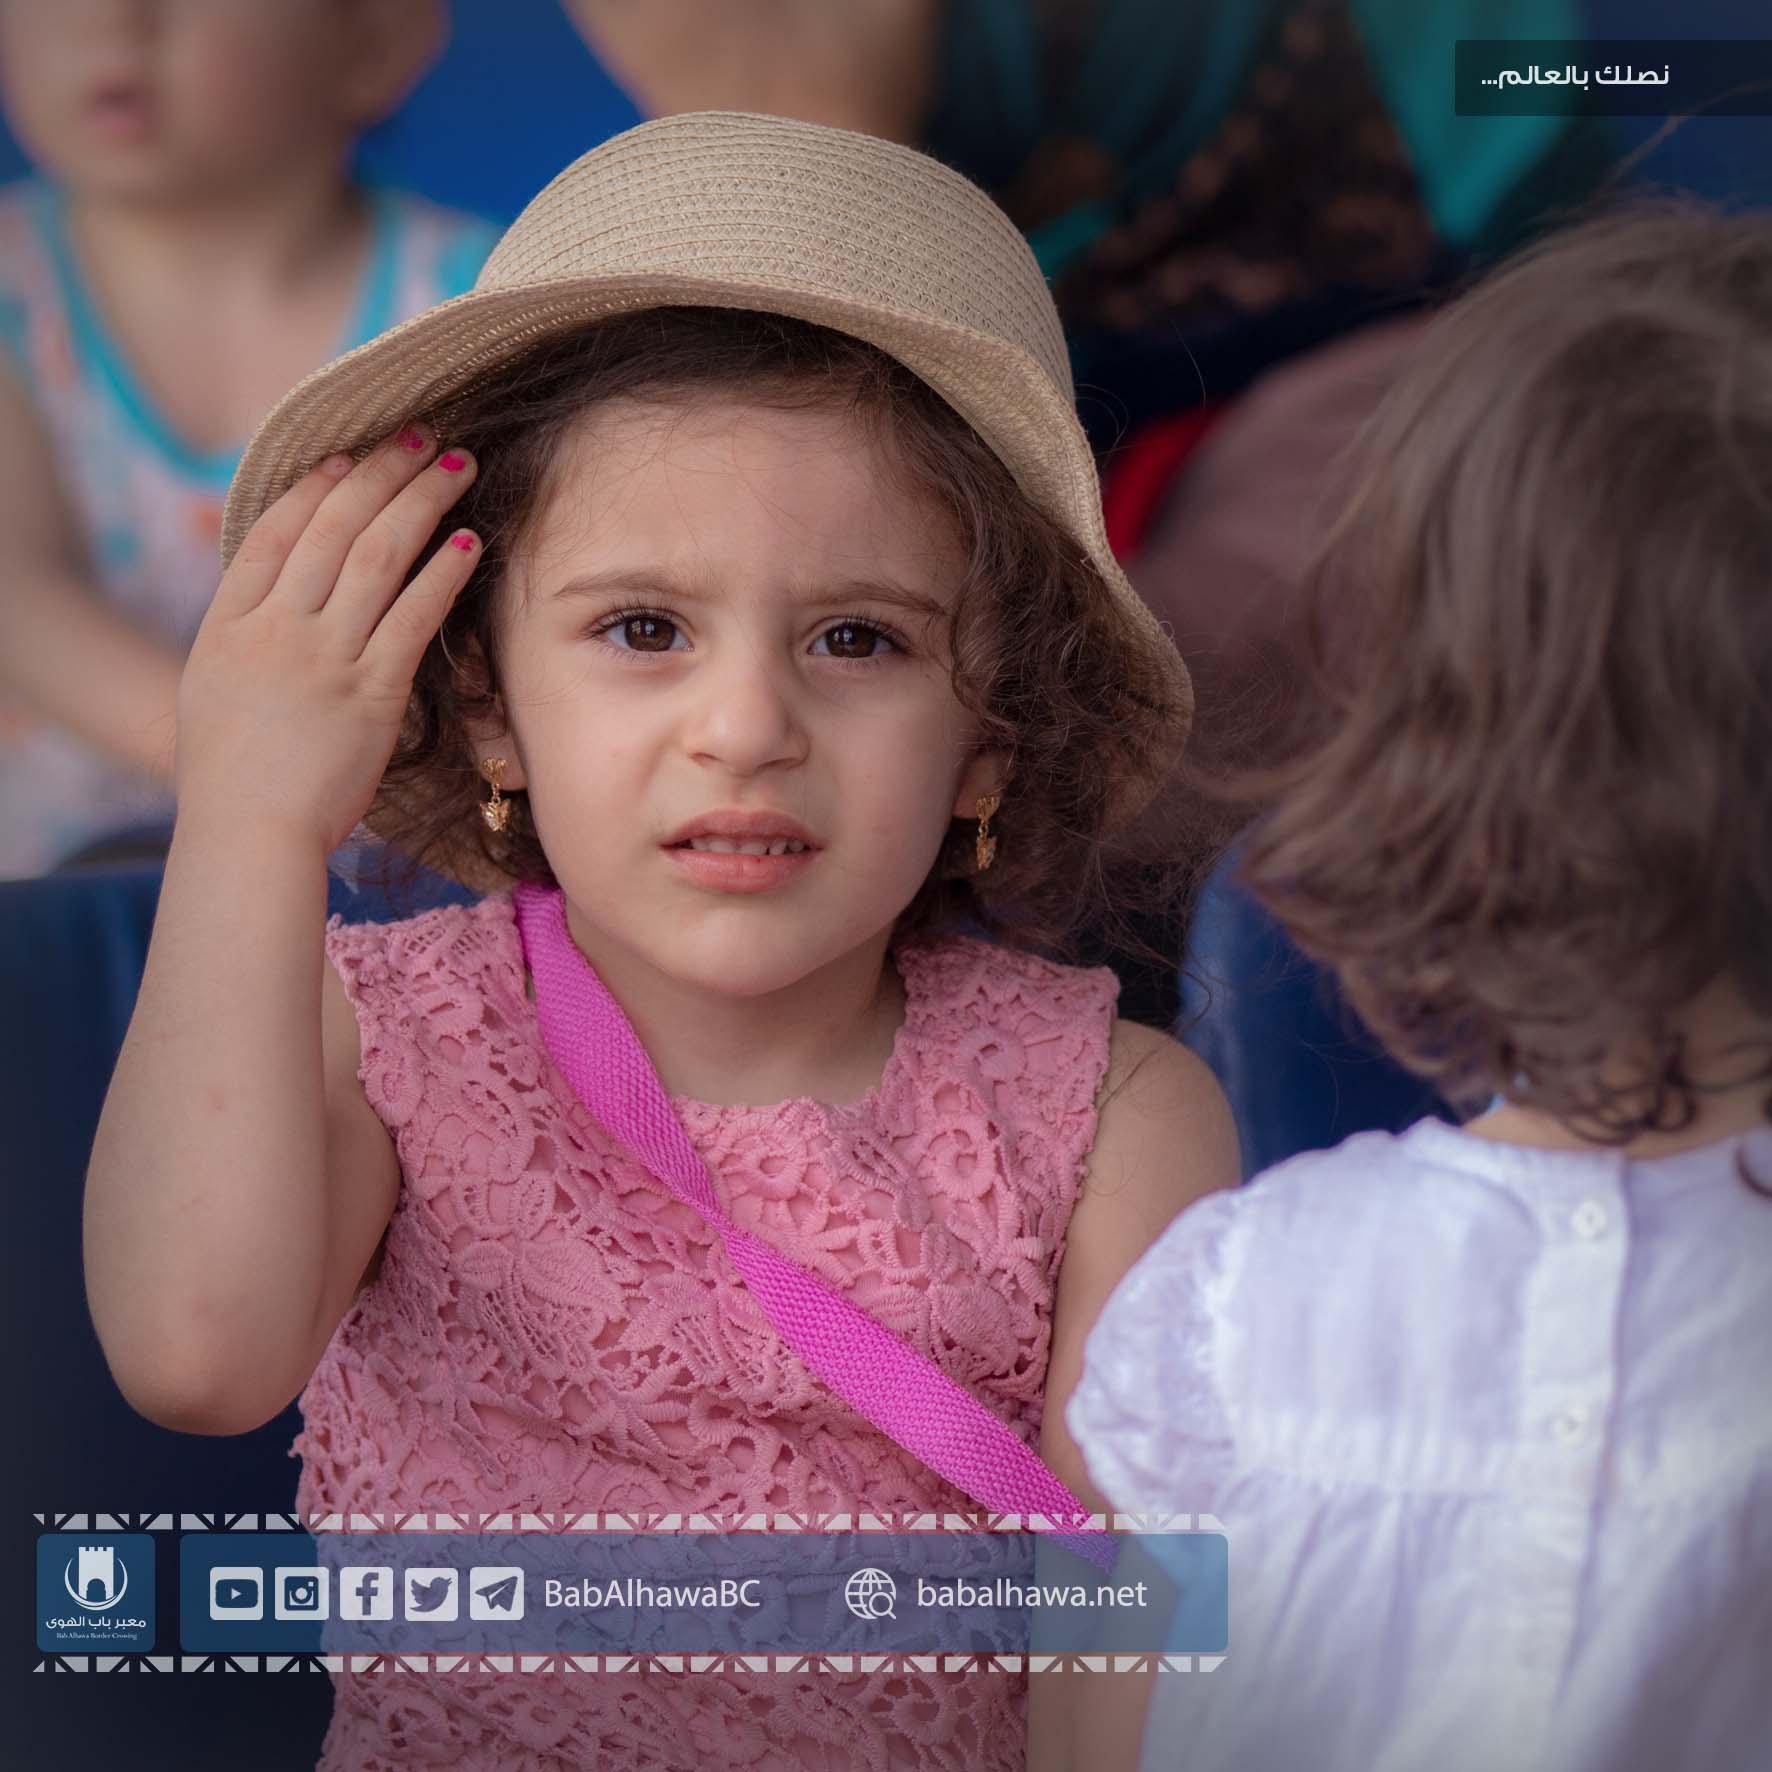 طفلة مسافرة في زيارة عيد الفطر عبر معبر باب الهوى 2019